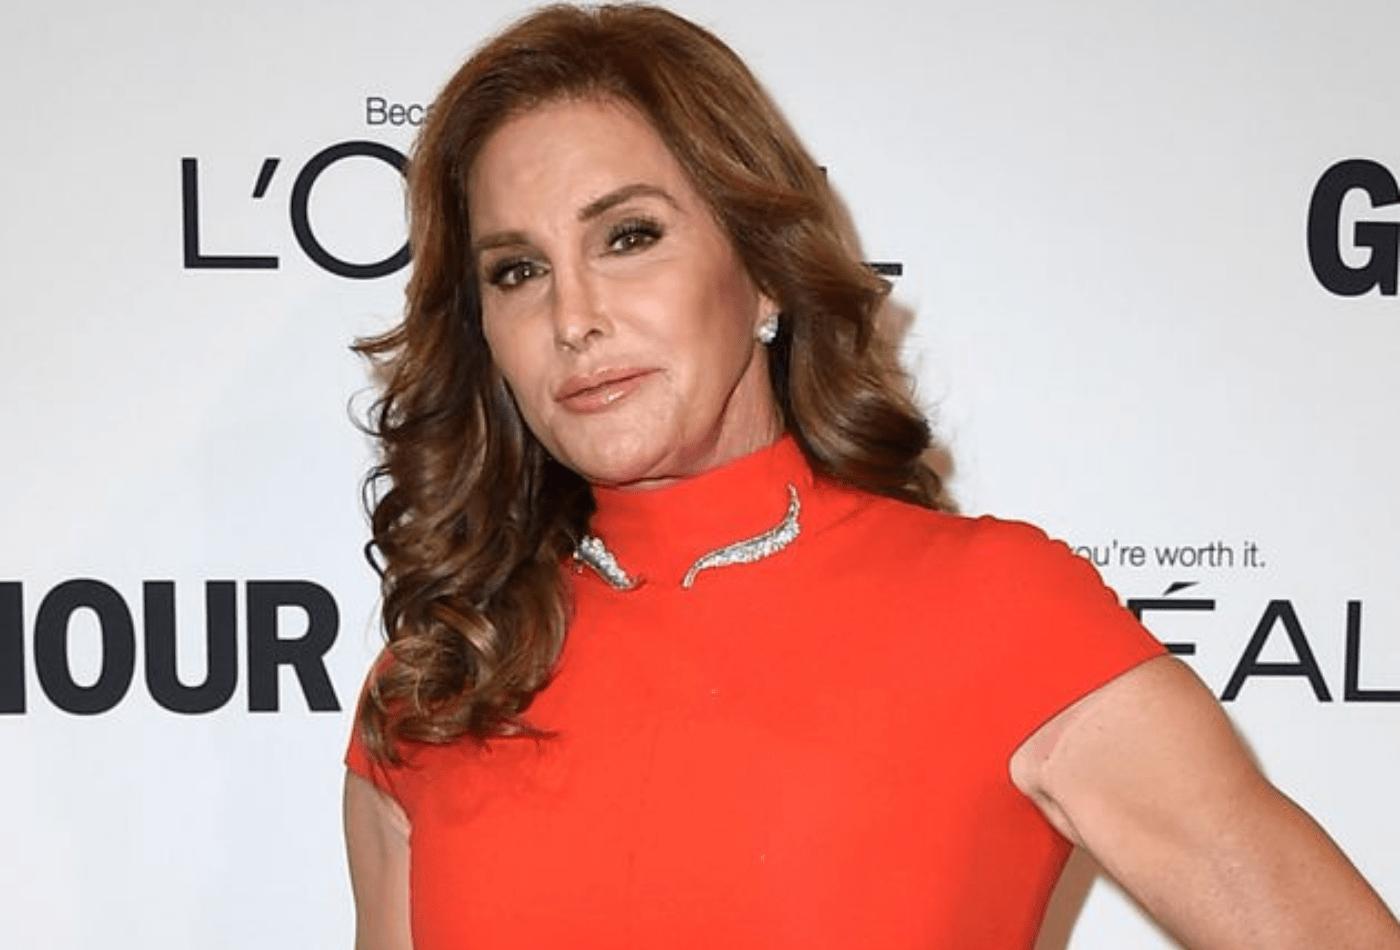 Caitlyn Jenner opposes trans girls in girls' sport 'It just isn't fair'